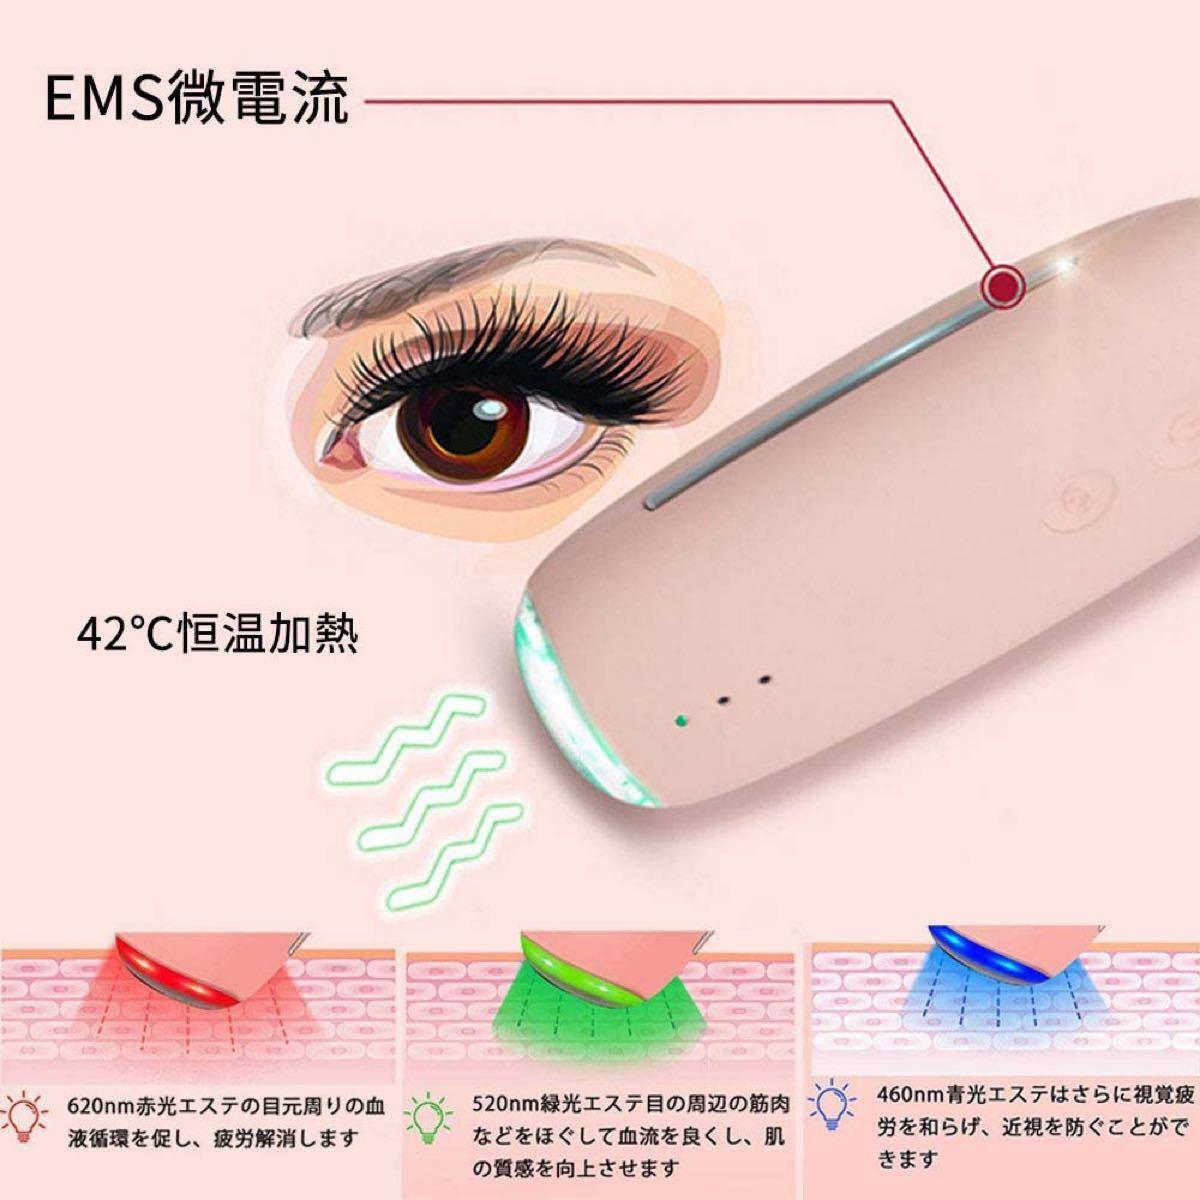 ウォーターピーリング 超音波美顔器 USB充電式 深層清潔 ニキビ イオン導入 美顔器  黒ずみ 汚れ